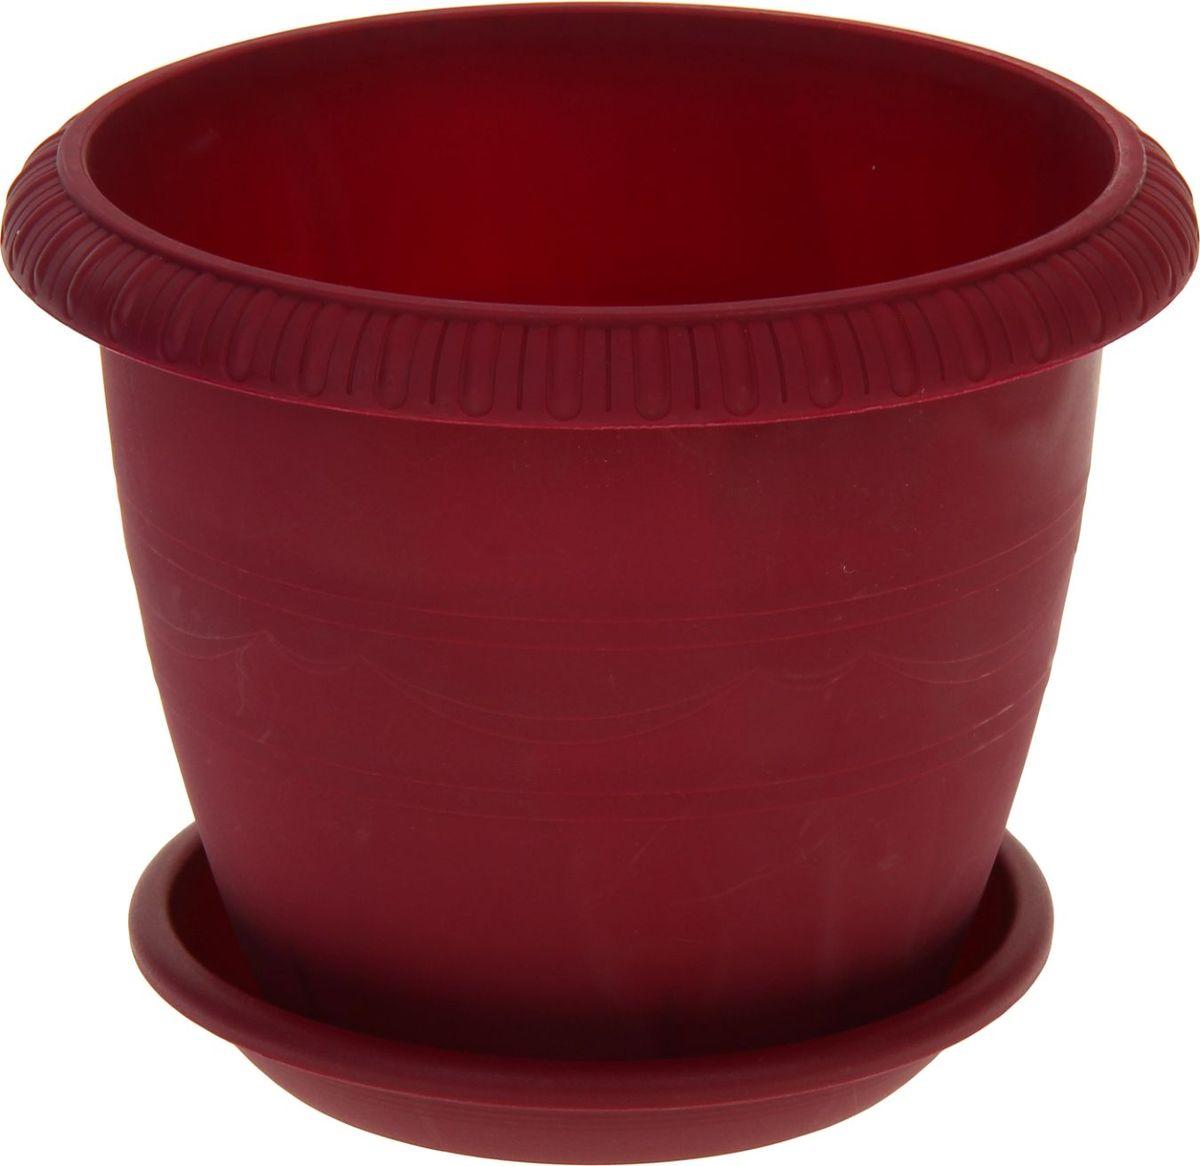 Горшок для цветов ТЕК.А.ТЕК Le Jardin, цвет: бордовый, 5,5 лC0030766Любой, даже самый современный и продуманный интерьер будет не завершённым без растений. Они не только очищают воздух и насыщают его кислородом, но и заметно украшают окружающее пространство. Такому полезному члену семьи просто необходимо красивое и функциональное кашпо, оригинальный горшок или необычная ваза! Мы предлагаем - Горшок для цветов 5,5 л Le Jardin, d=25 см, цвет бордовый! Оптимальный выбор материала пластмасса! Почему мы так считаем? Малый вес. С лёгкостью переносите горшки и кашпо с места на место, ставьте их на столики или полки, подвешивайте под потолок, не беспокоясь о нагрузке. Простота ухода. Пластиковые изделия не нуждаются в специальных условиях хранения. Их легко чистить достаточно просто сполоснуть тёплой водой. Никаких царапин. Пластиковые кашпо не царапают и не загрязняют поверхности, на которых стоят. Пластик дольше хранит влагу, а значит растение реже нуждается в поливе. Пластмасса не пропускает воздух корневой системе растения не грозят резкие перепады температур. Огромный выбор форм, декора и расцветок вы без труда подберёте что-то, что идеально впишется в уже существующий интерьер. Соблюдая нехитрые правила ухода, вы можете заметно продлить срок службы горшков, вазонов и кашпо из пластика: всегда учитывайте размер кроны и корневой системы растения (при разрастании большое растение способно повредить маленький горшок)берегите изделие от воздействия прямых солнечных лучей, чтобы кашпо и горшки не выцветалидержите кашпо и горшки из пластика подальше от нагревающихся поверхностей. Создавайте прекрасные цветочные композиции, выращивайте рассаду или необычные растения, а низкие цены позволят вам не ограничивать себя в выборе.